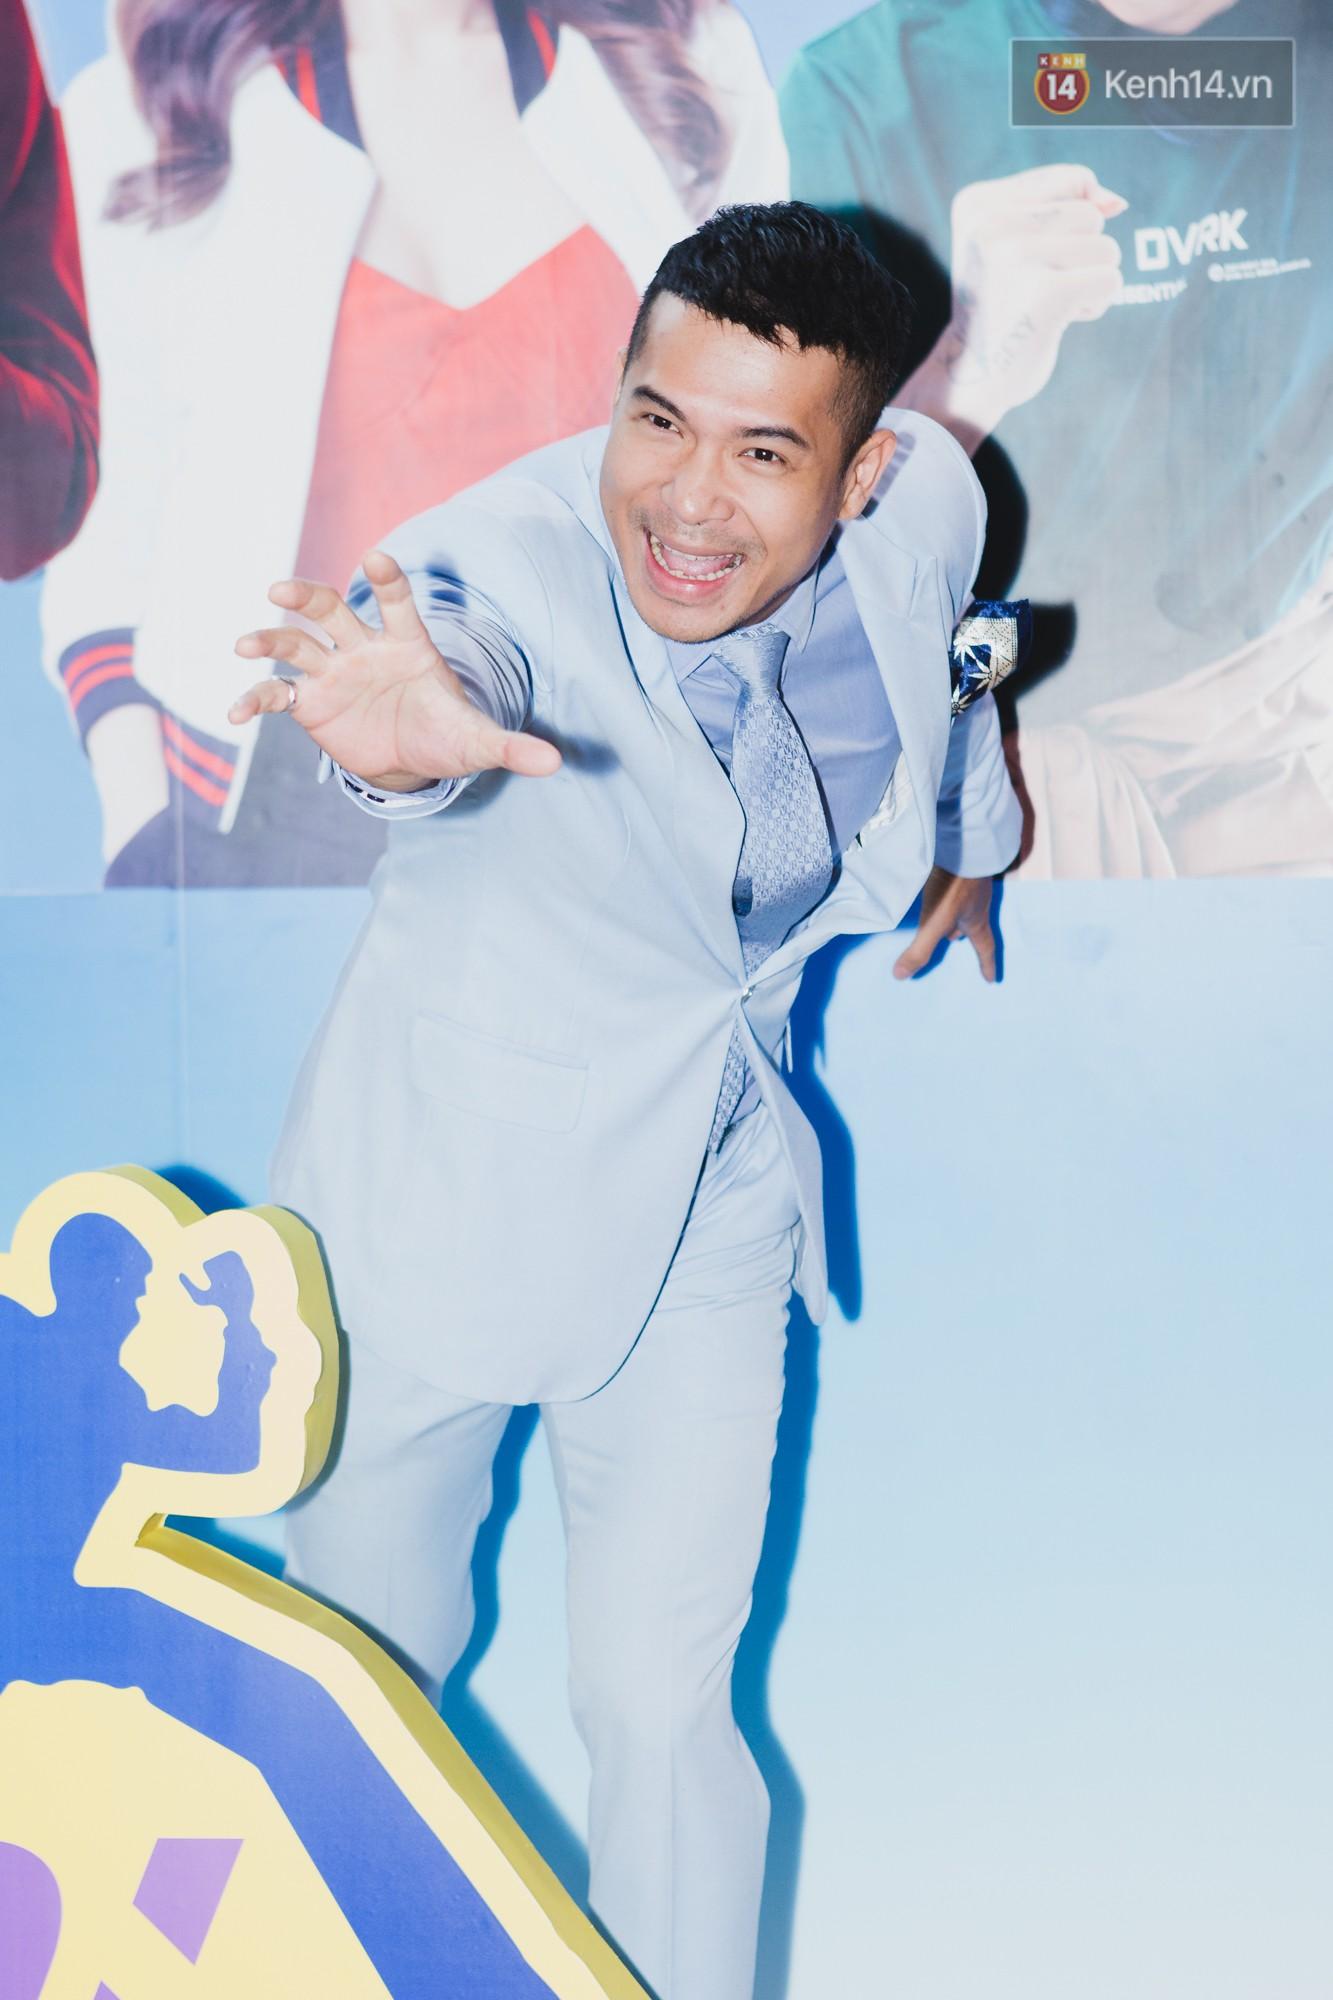 Ninh Dương Lan Ngọc xuất hiện với đôi tay nhiều vết bầm tím, bị Trấn Thành bóc phốt không thương tiếc tại họp báo Running Man Vietnam - Ảnh 6.